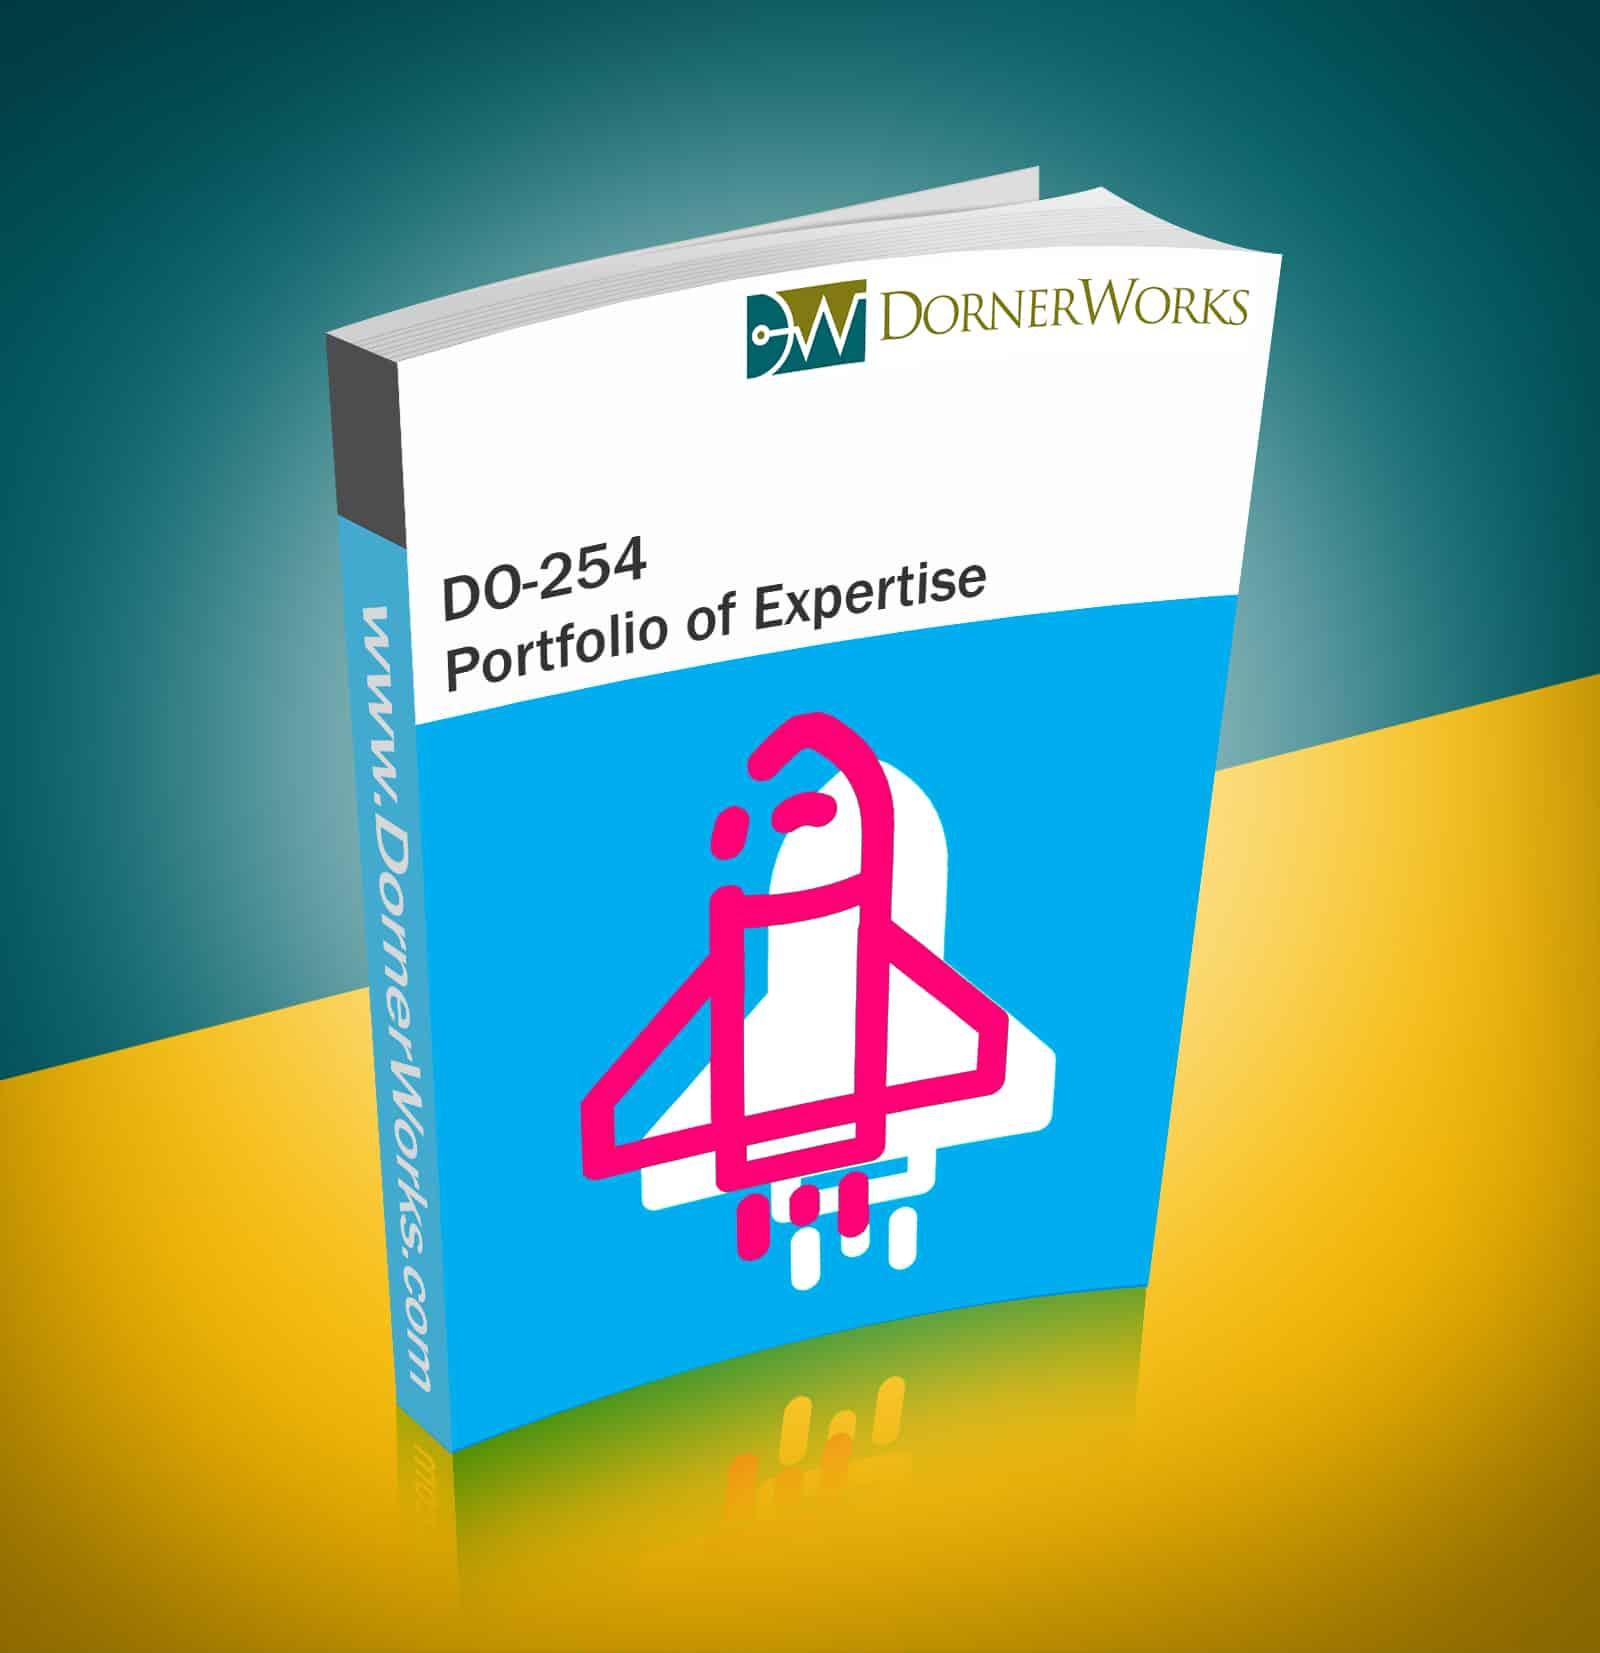 DornerWorks DO-254 Portfolio